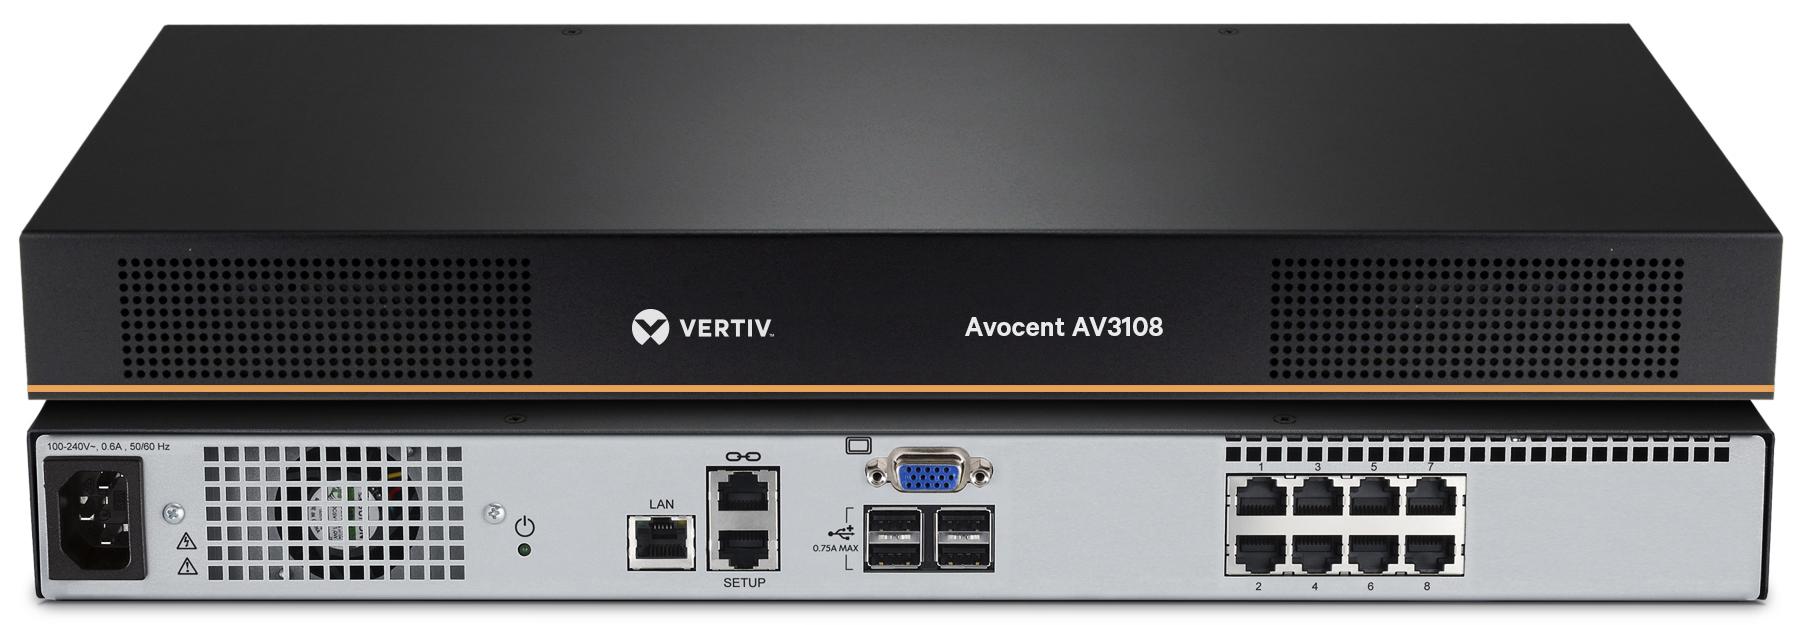 Vertiv Avocent AV 3108 KVM switch Rack mounting Black